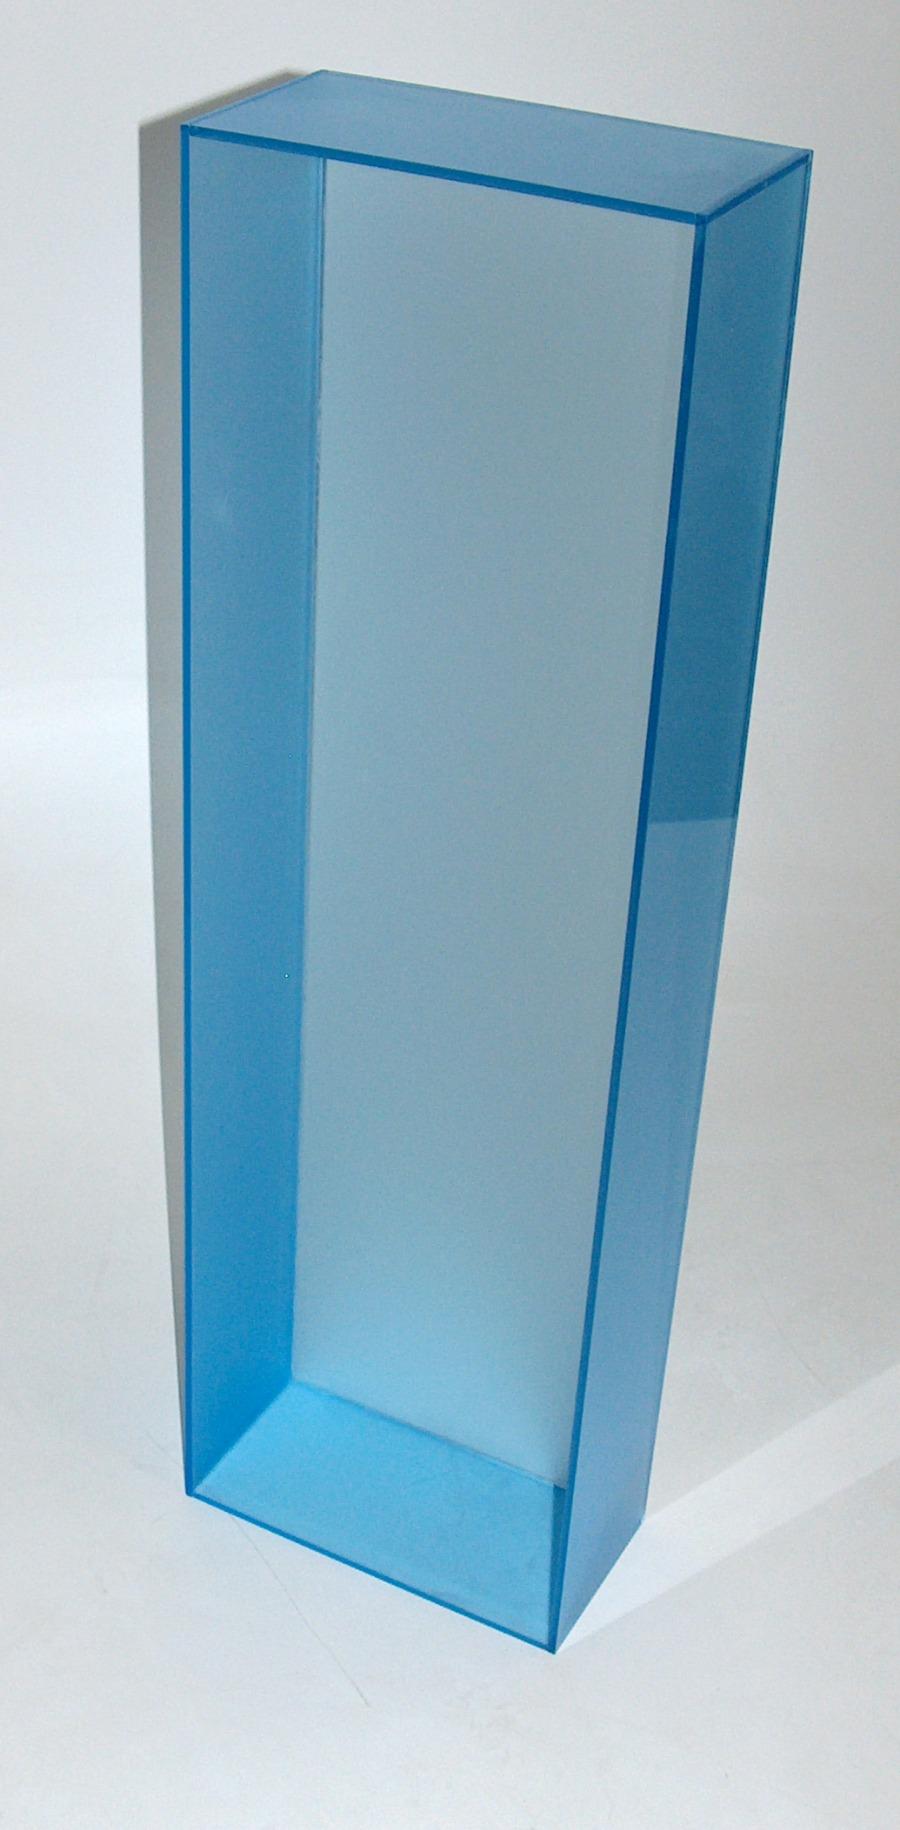 Caixa em Acrílico Azul